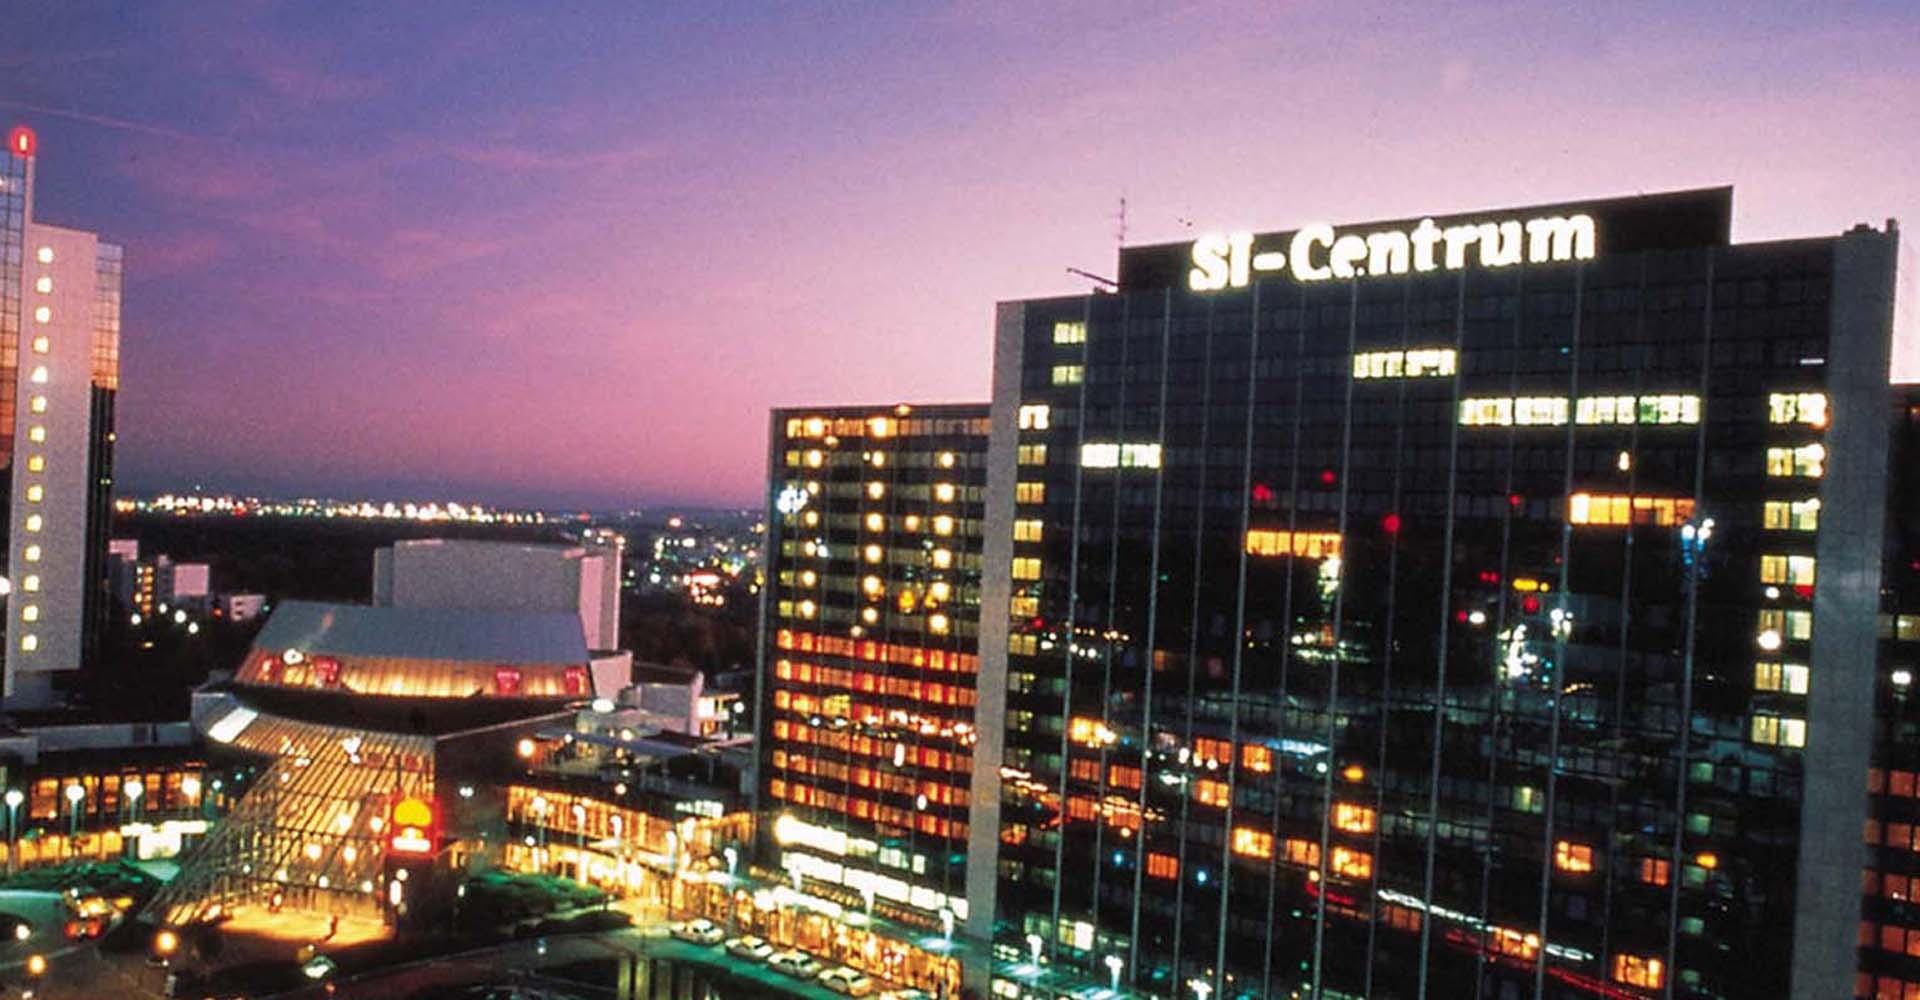 Si Centrum Casino